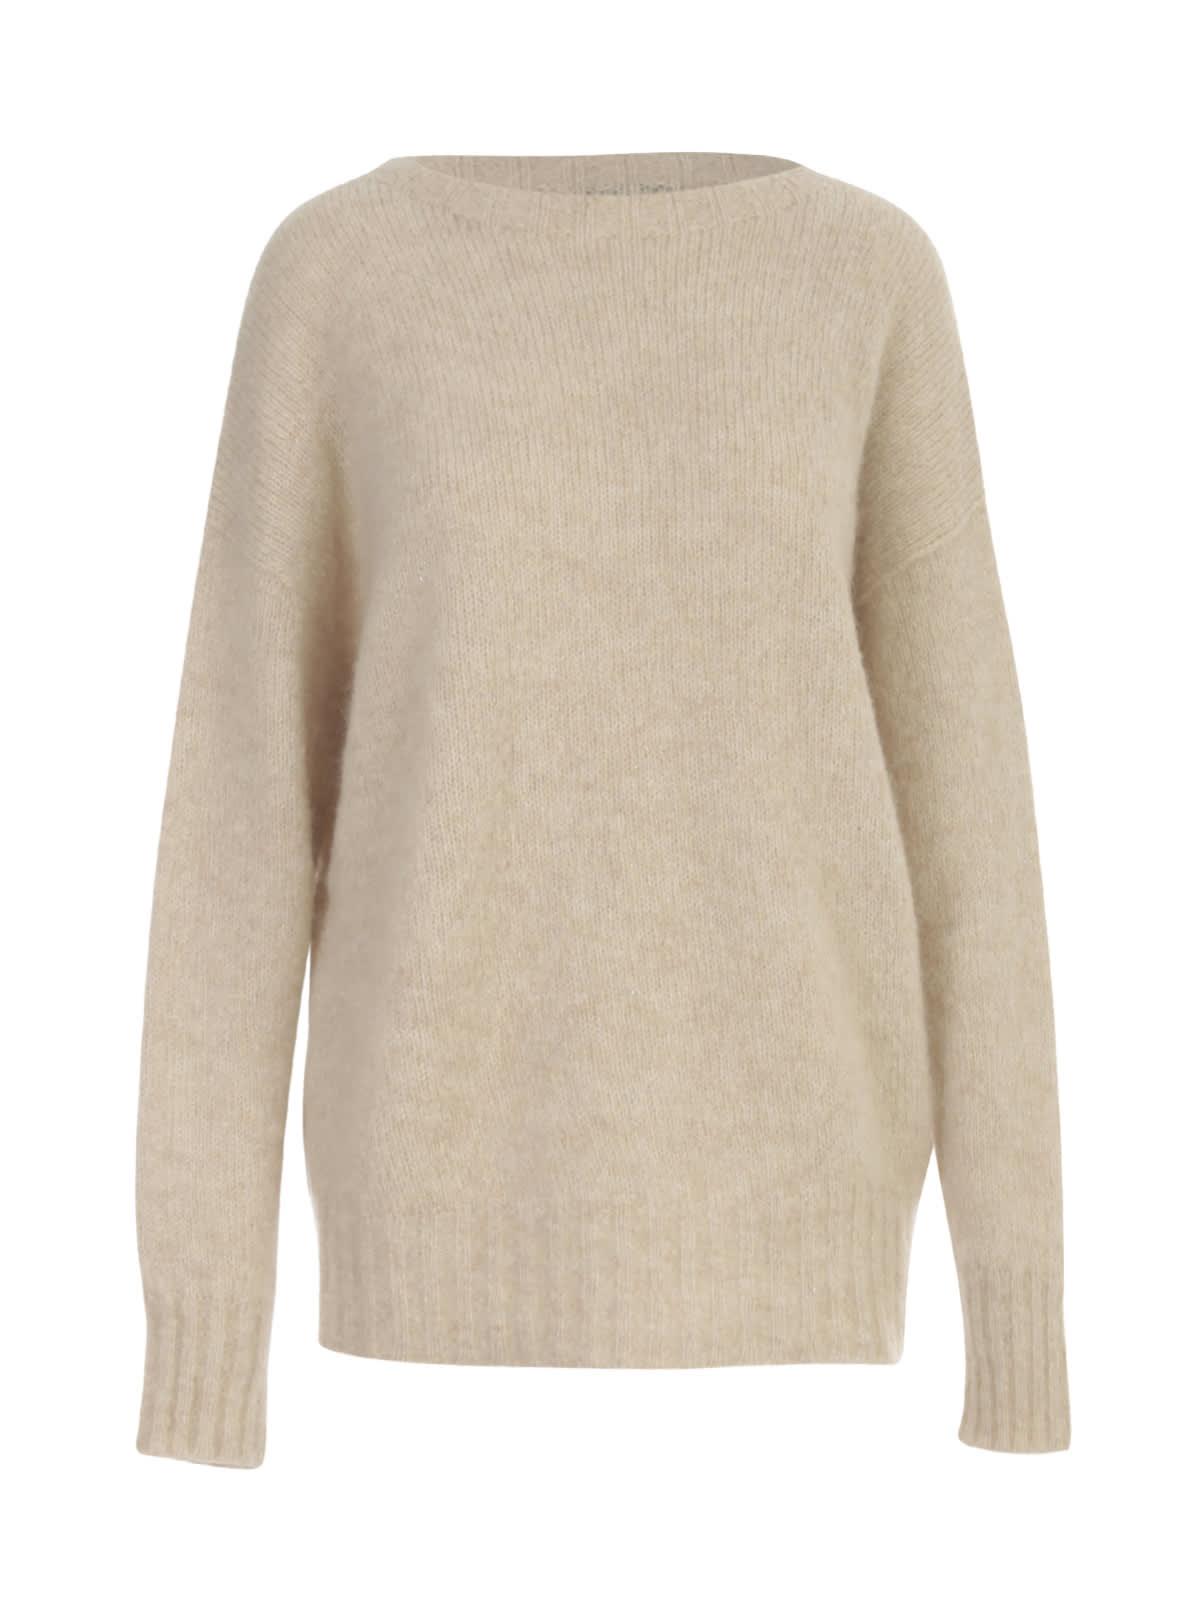 Boat Neck L/s Sweater